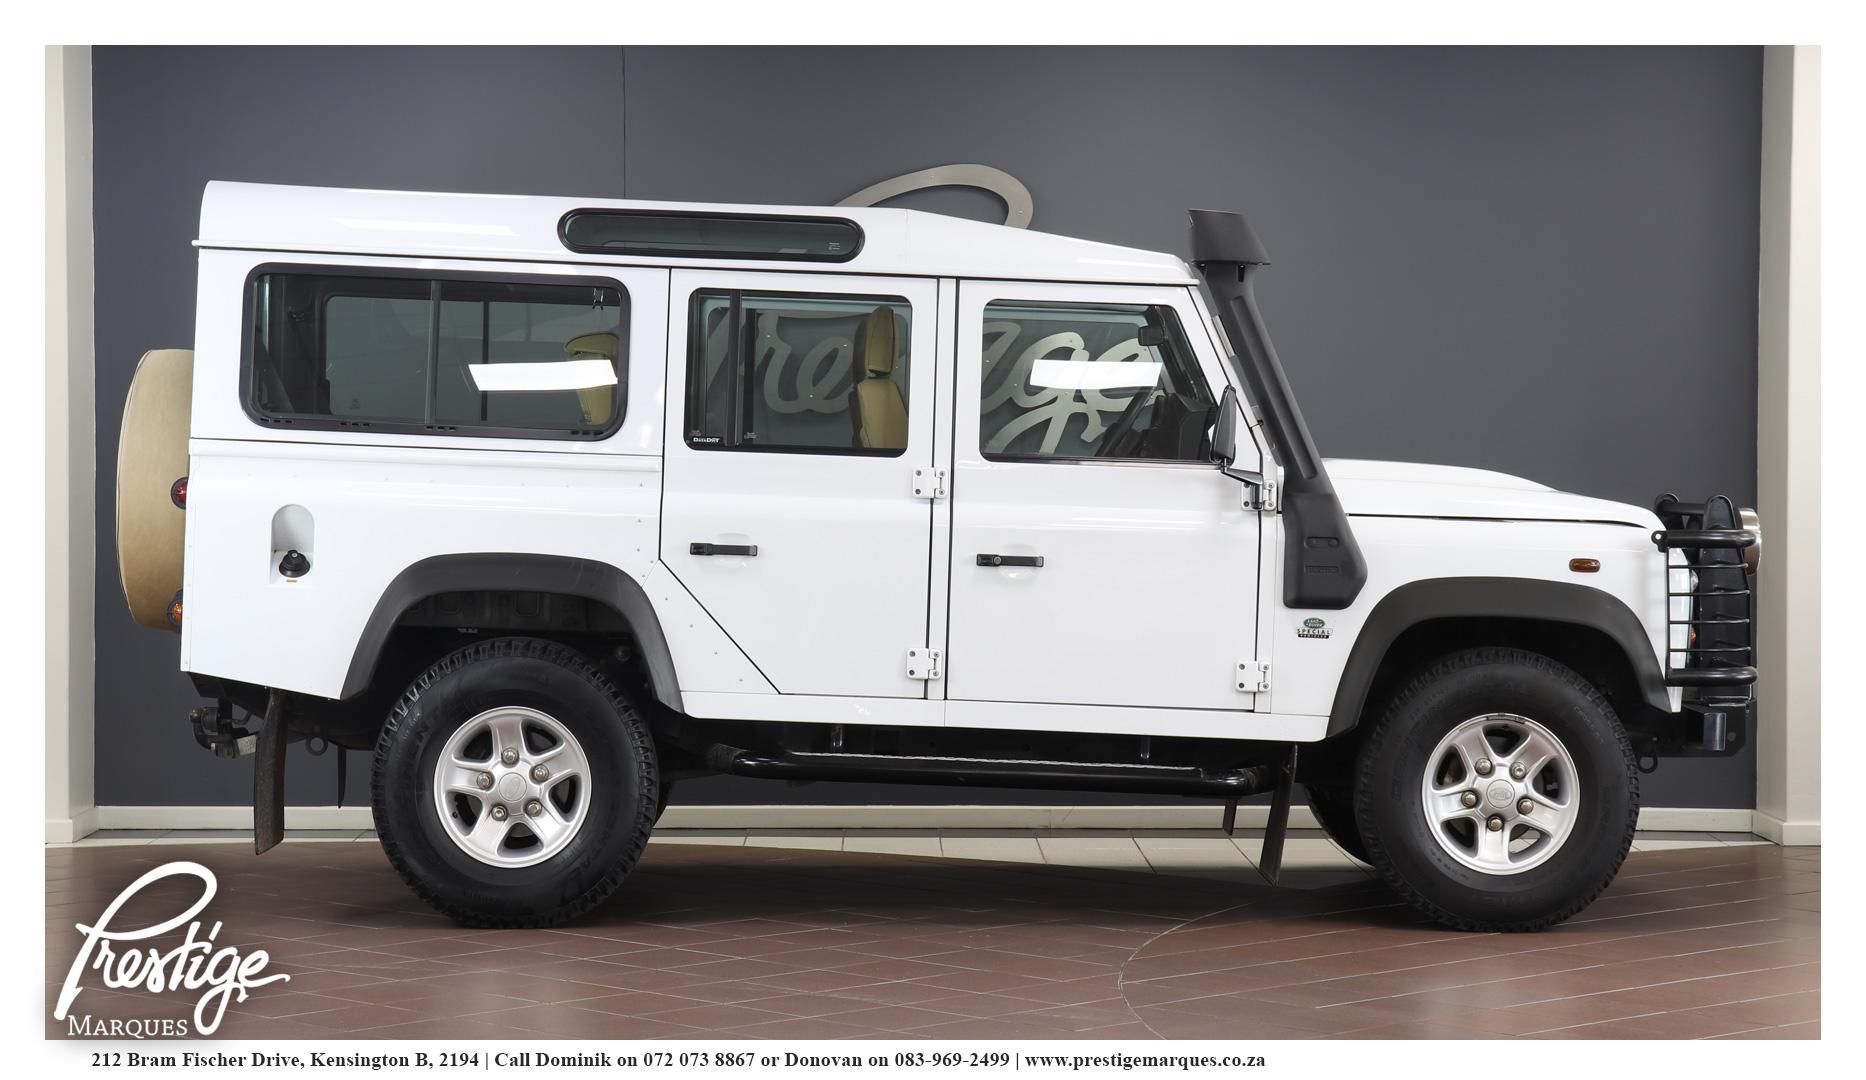 Land-Rover-Defender-110-2.5D-Prestige-Marques-2